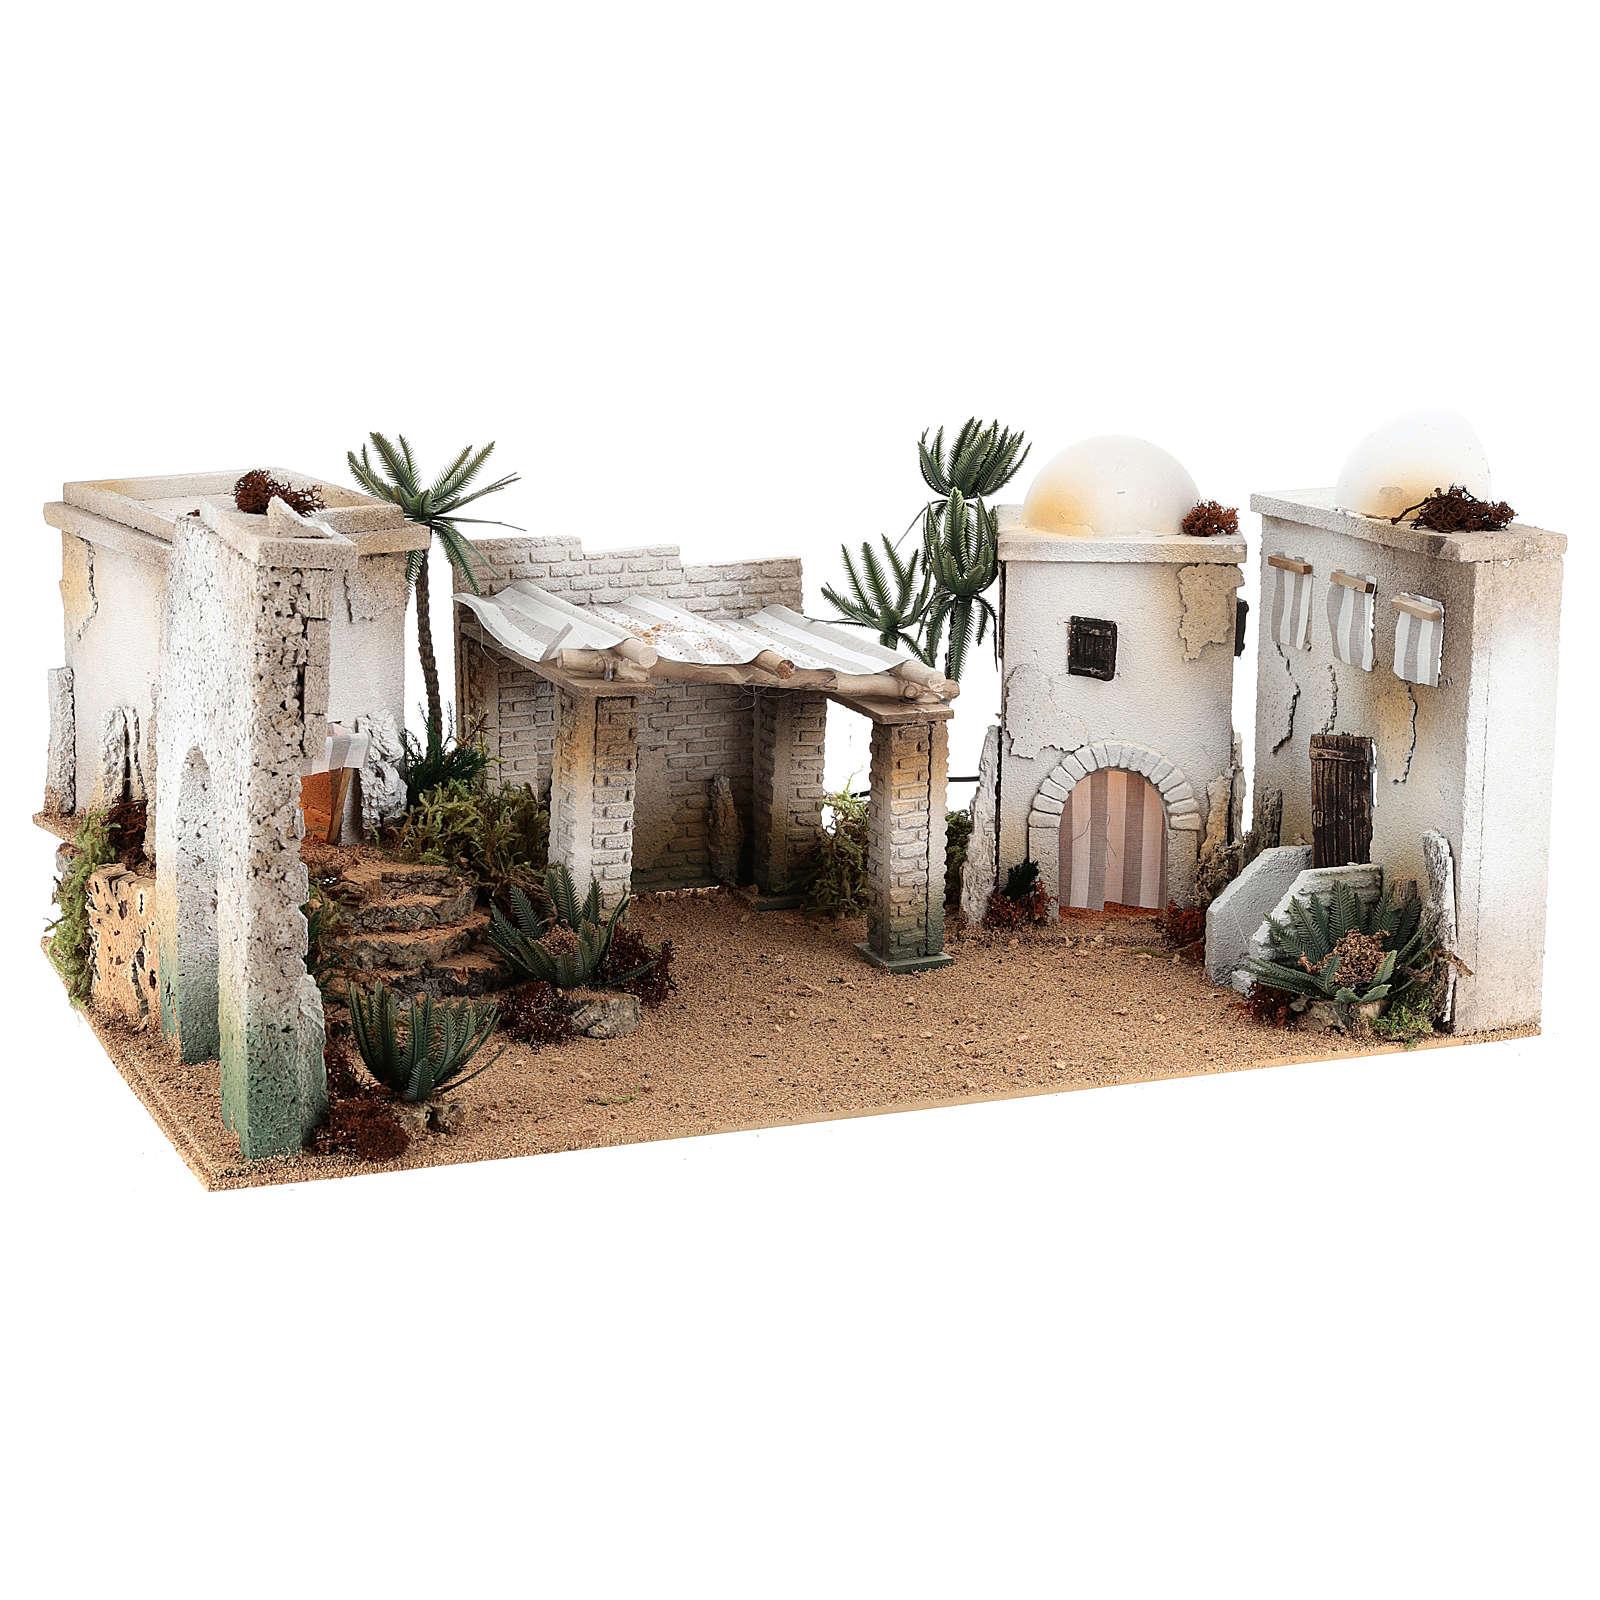 Composizione paesaggio arabo con accessori 30x60x40 cm LATO SX 4